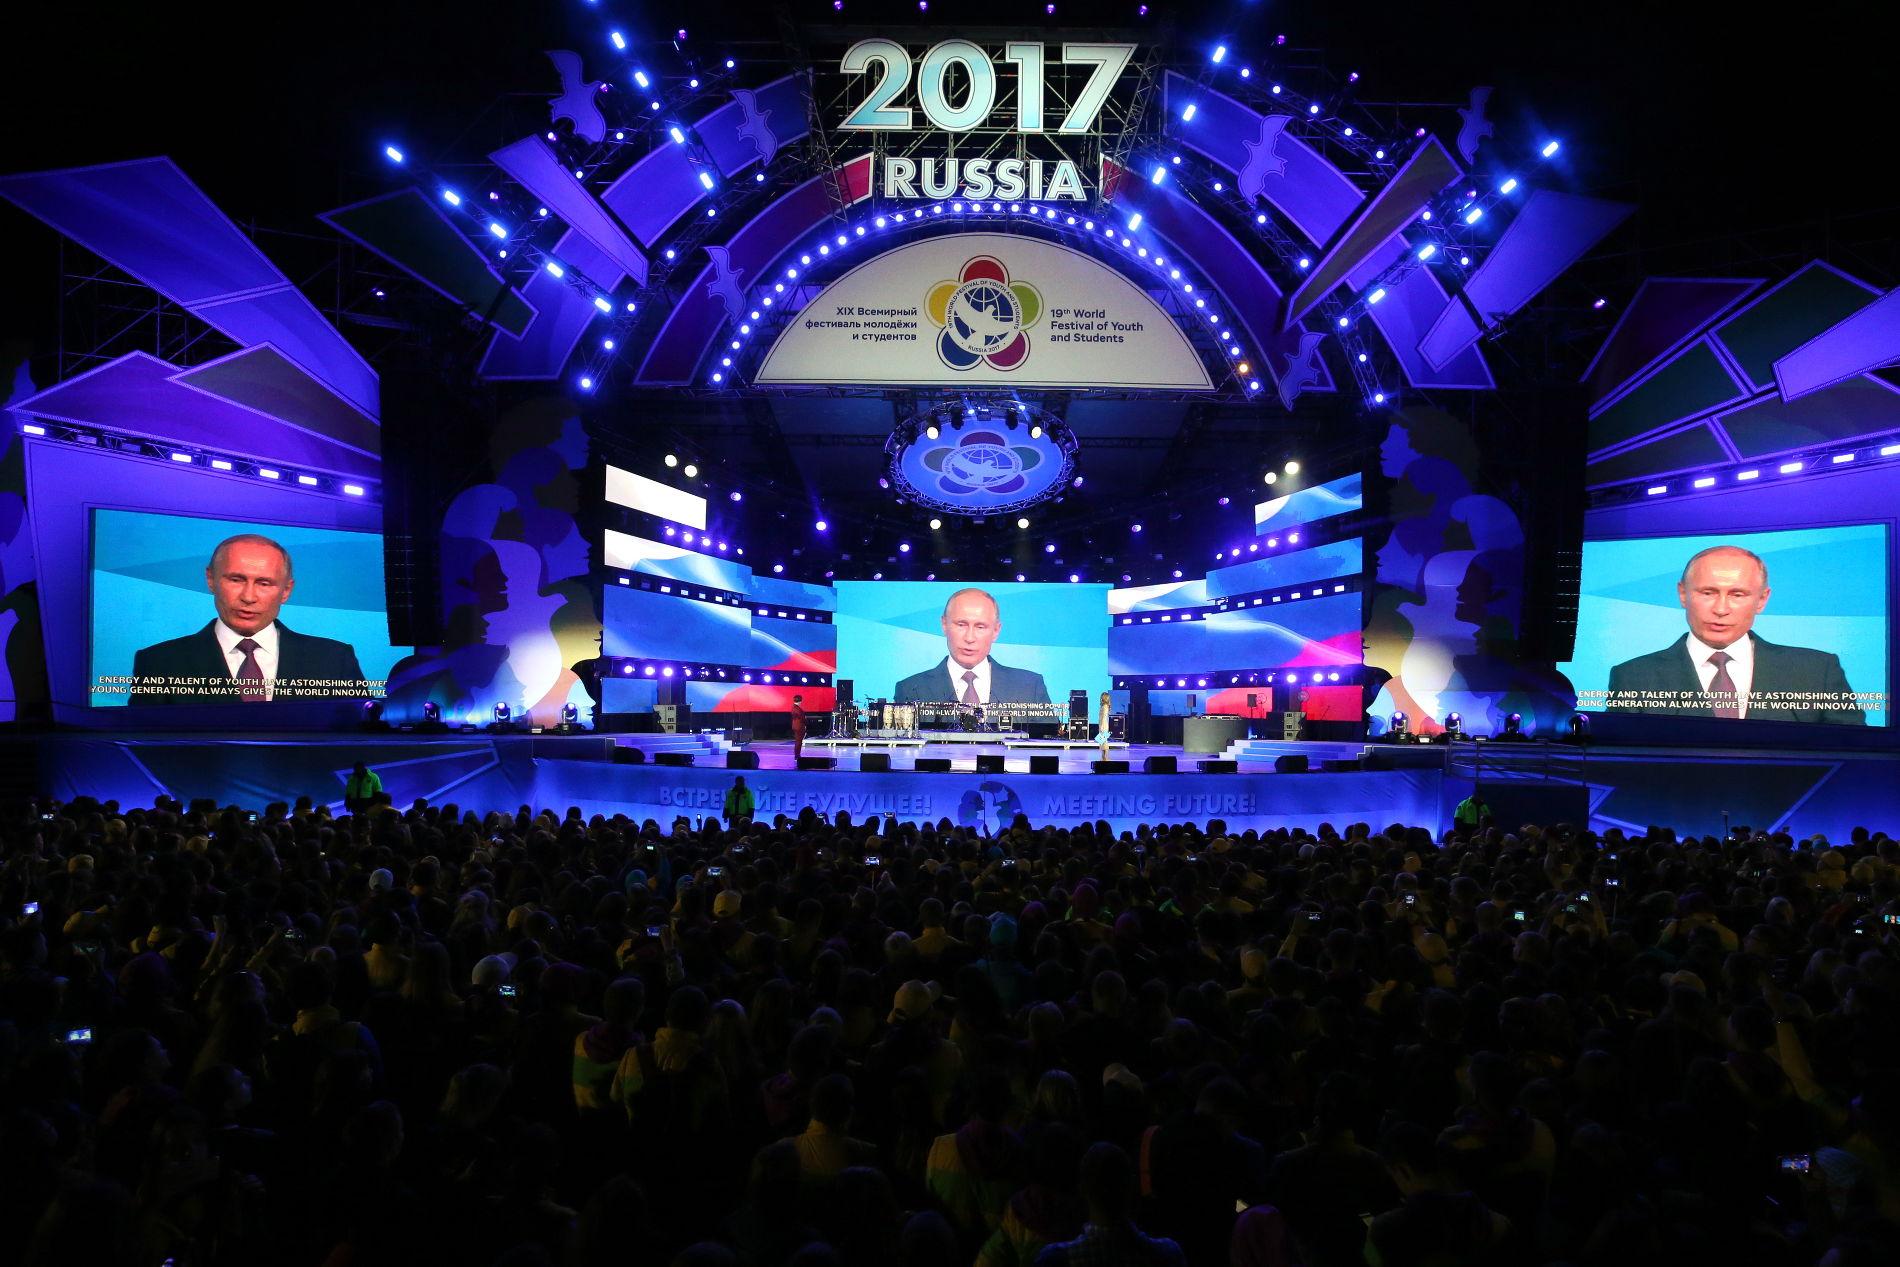 XIX Всемирный фестиваль молодежи и студентов в Сочи 14–21 октября 2017 года